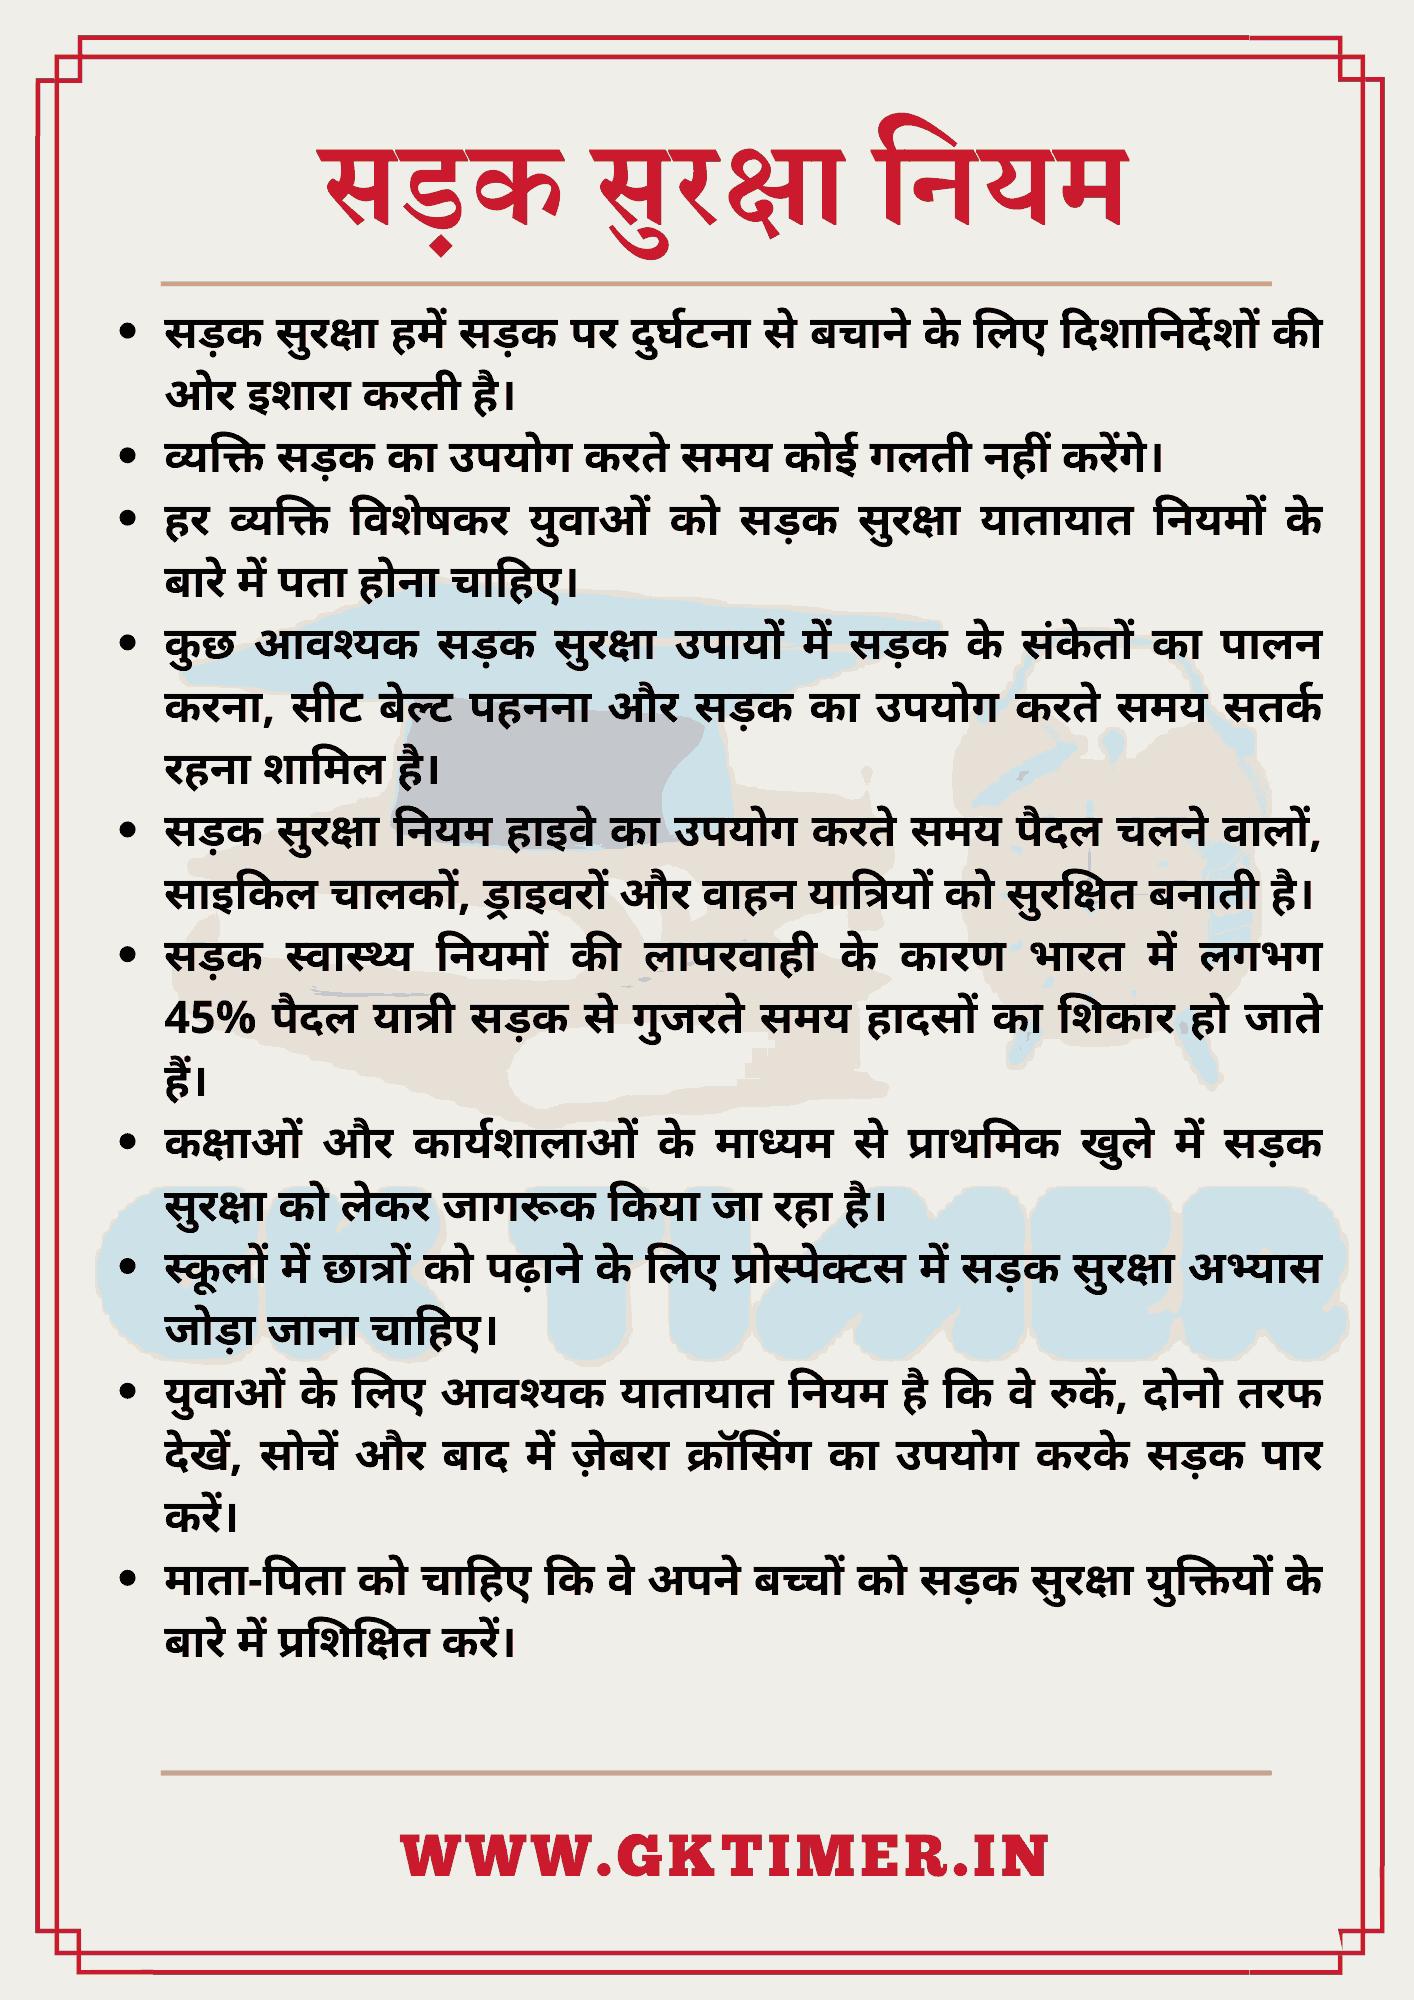 सड़क सुरक्षा नियमों पर निबंध   Essay on Road Safety Rules in Hindi   10 Lines on Road Safety Rules in Hindi